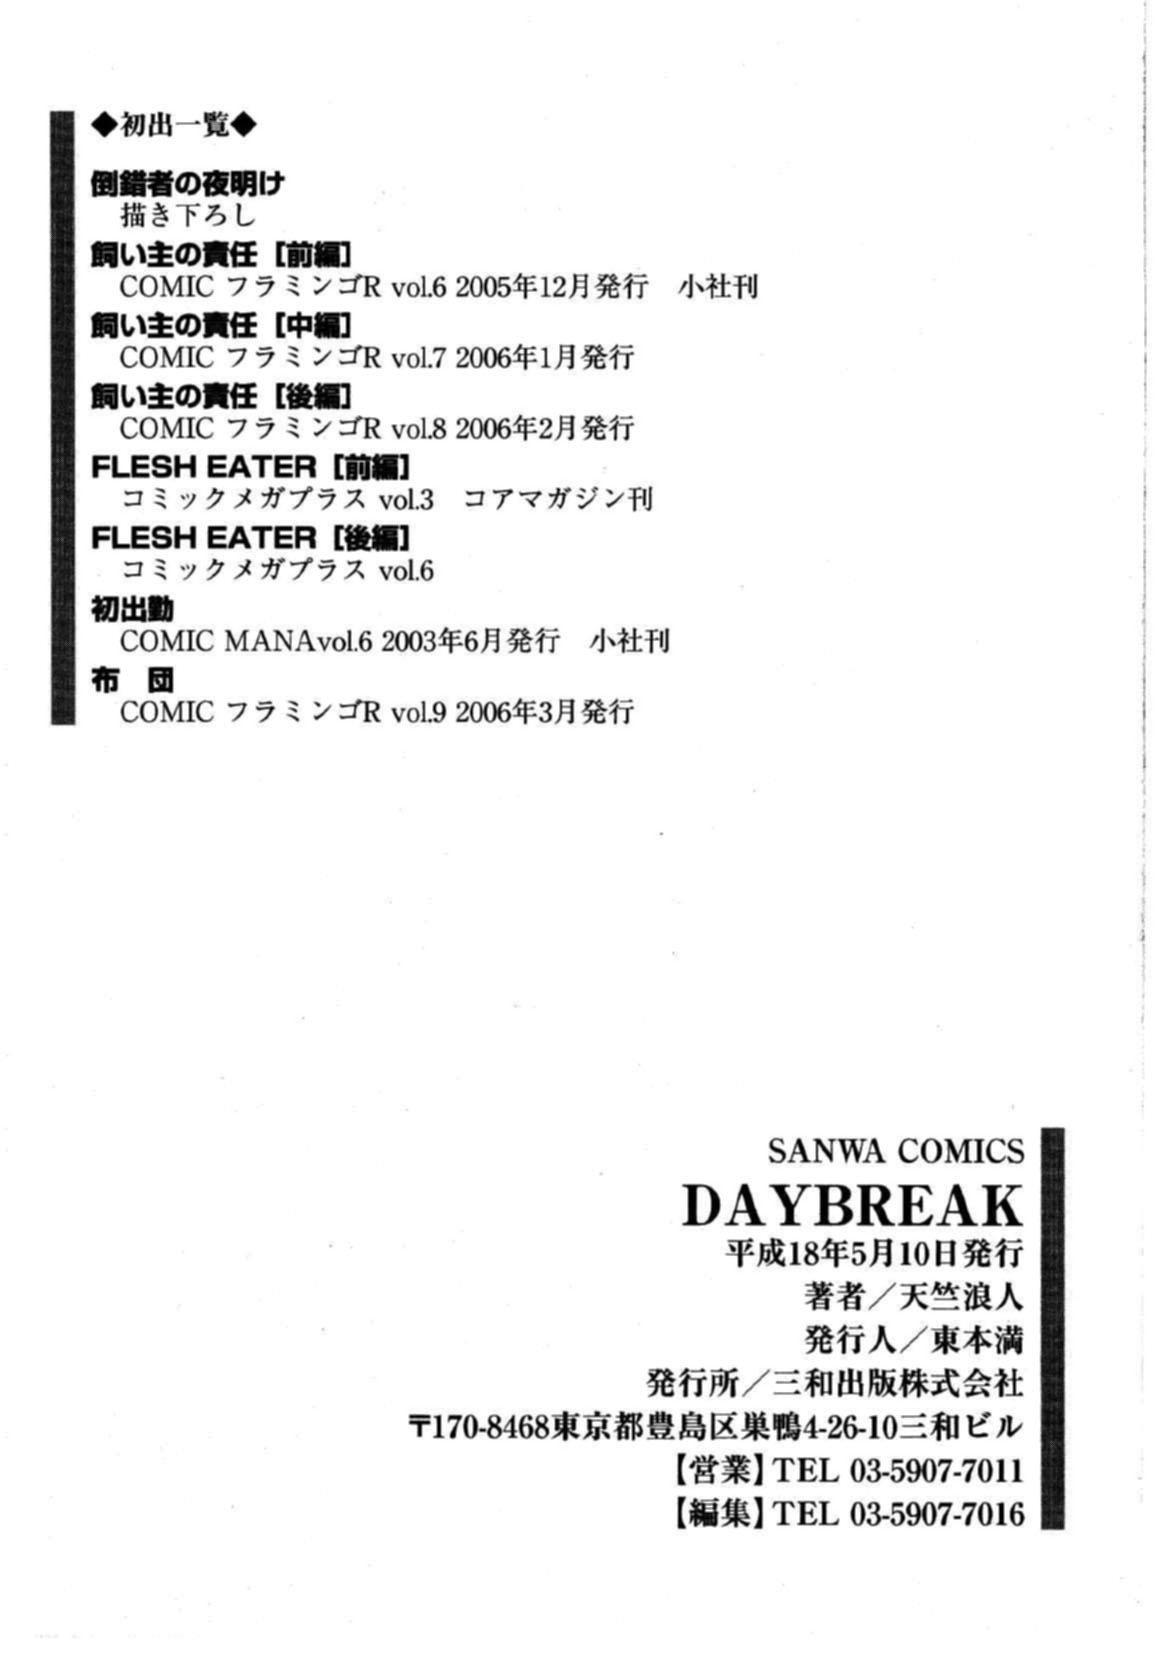 Daybreak 179